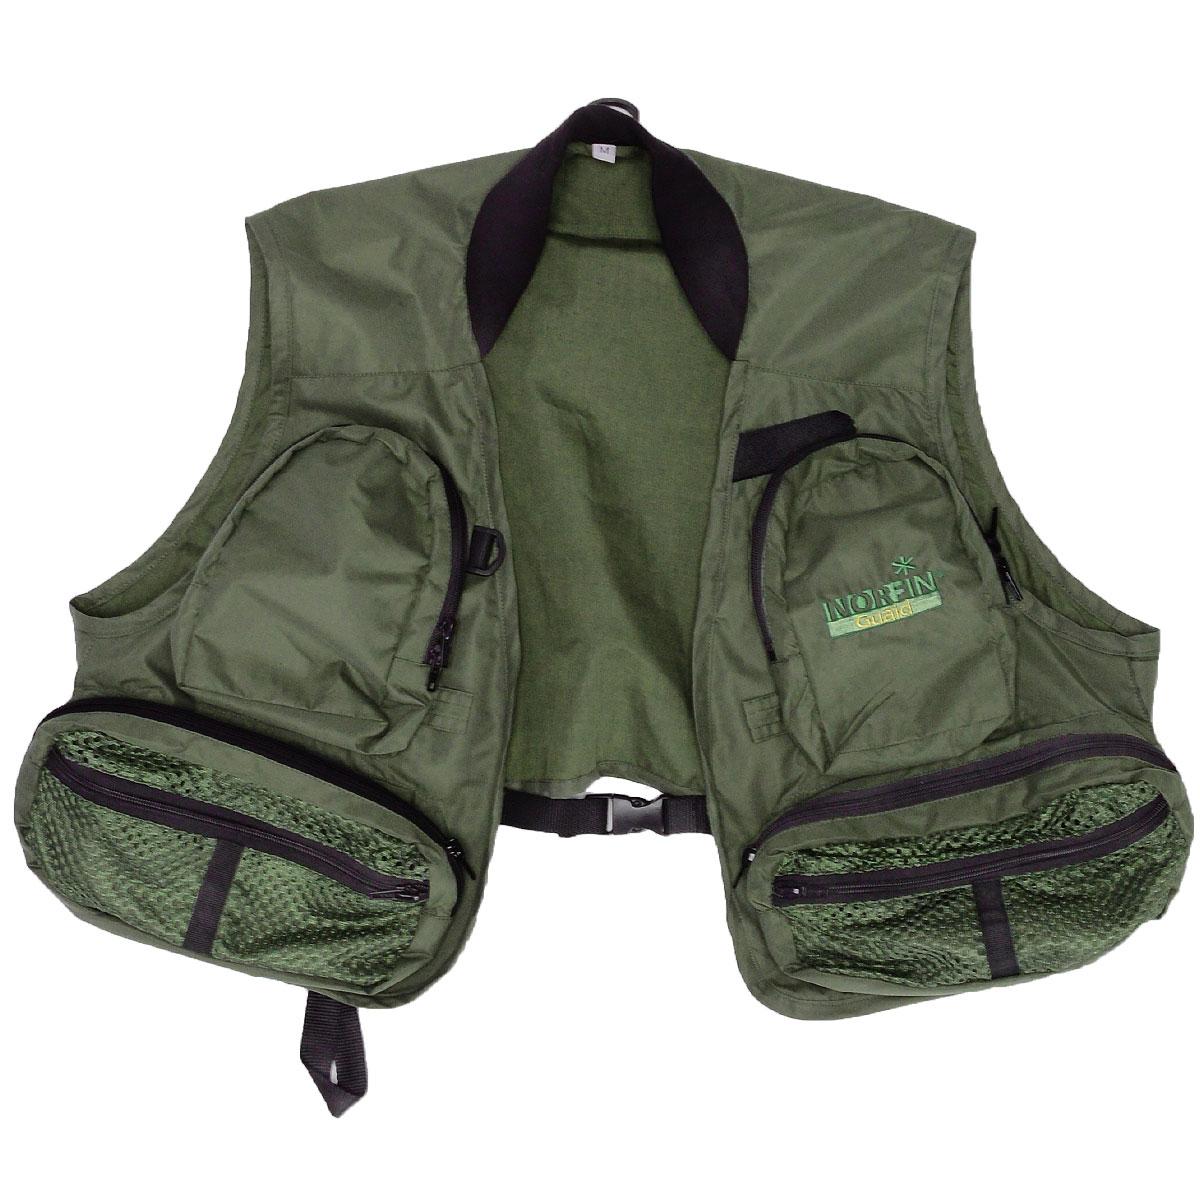 Жилет для рыбалки и охоты1480Рыболовный жилет Norfin Guaid - универсальный и практичный элемент одежды для любого вида рыбной ловли, как для опытных, так и для начинающих рыбаков. Он сшит из легкого и прочного мембранного материала, удобен в носке и не стесняет движений при забросе приманки. Легкий и удобный, он снизит теплопотери и придаст комфорта, оставит рукам свободу маневра. Жилет с мягким трикотажным воротником спереди застегивается на пластиковый карабин. На груди жилет дополнен двумя накладными объемными карманами на застежке-молнии с двойным бегунком, которые с внутренней стороны имеют искусственный мех для крепления мух. Низ модели также дополнен двумя накладными объемными карманами и двумя сетчатыми карманами с перегородками на застежке-молнии. Также предусмотрены два кармана для согрева рук. Спина дополнена большим прорезным карманом на застежке-молнии. С внутренней стороны также предусмотрены карманы: три прорезных кармана на застежке-молнии и накладной карман на липучке и два небольших...